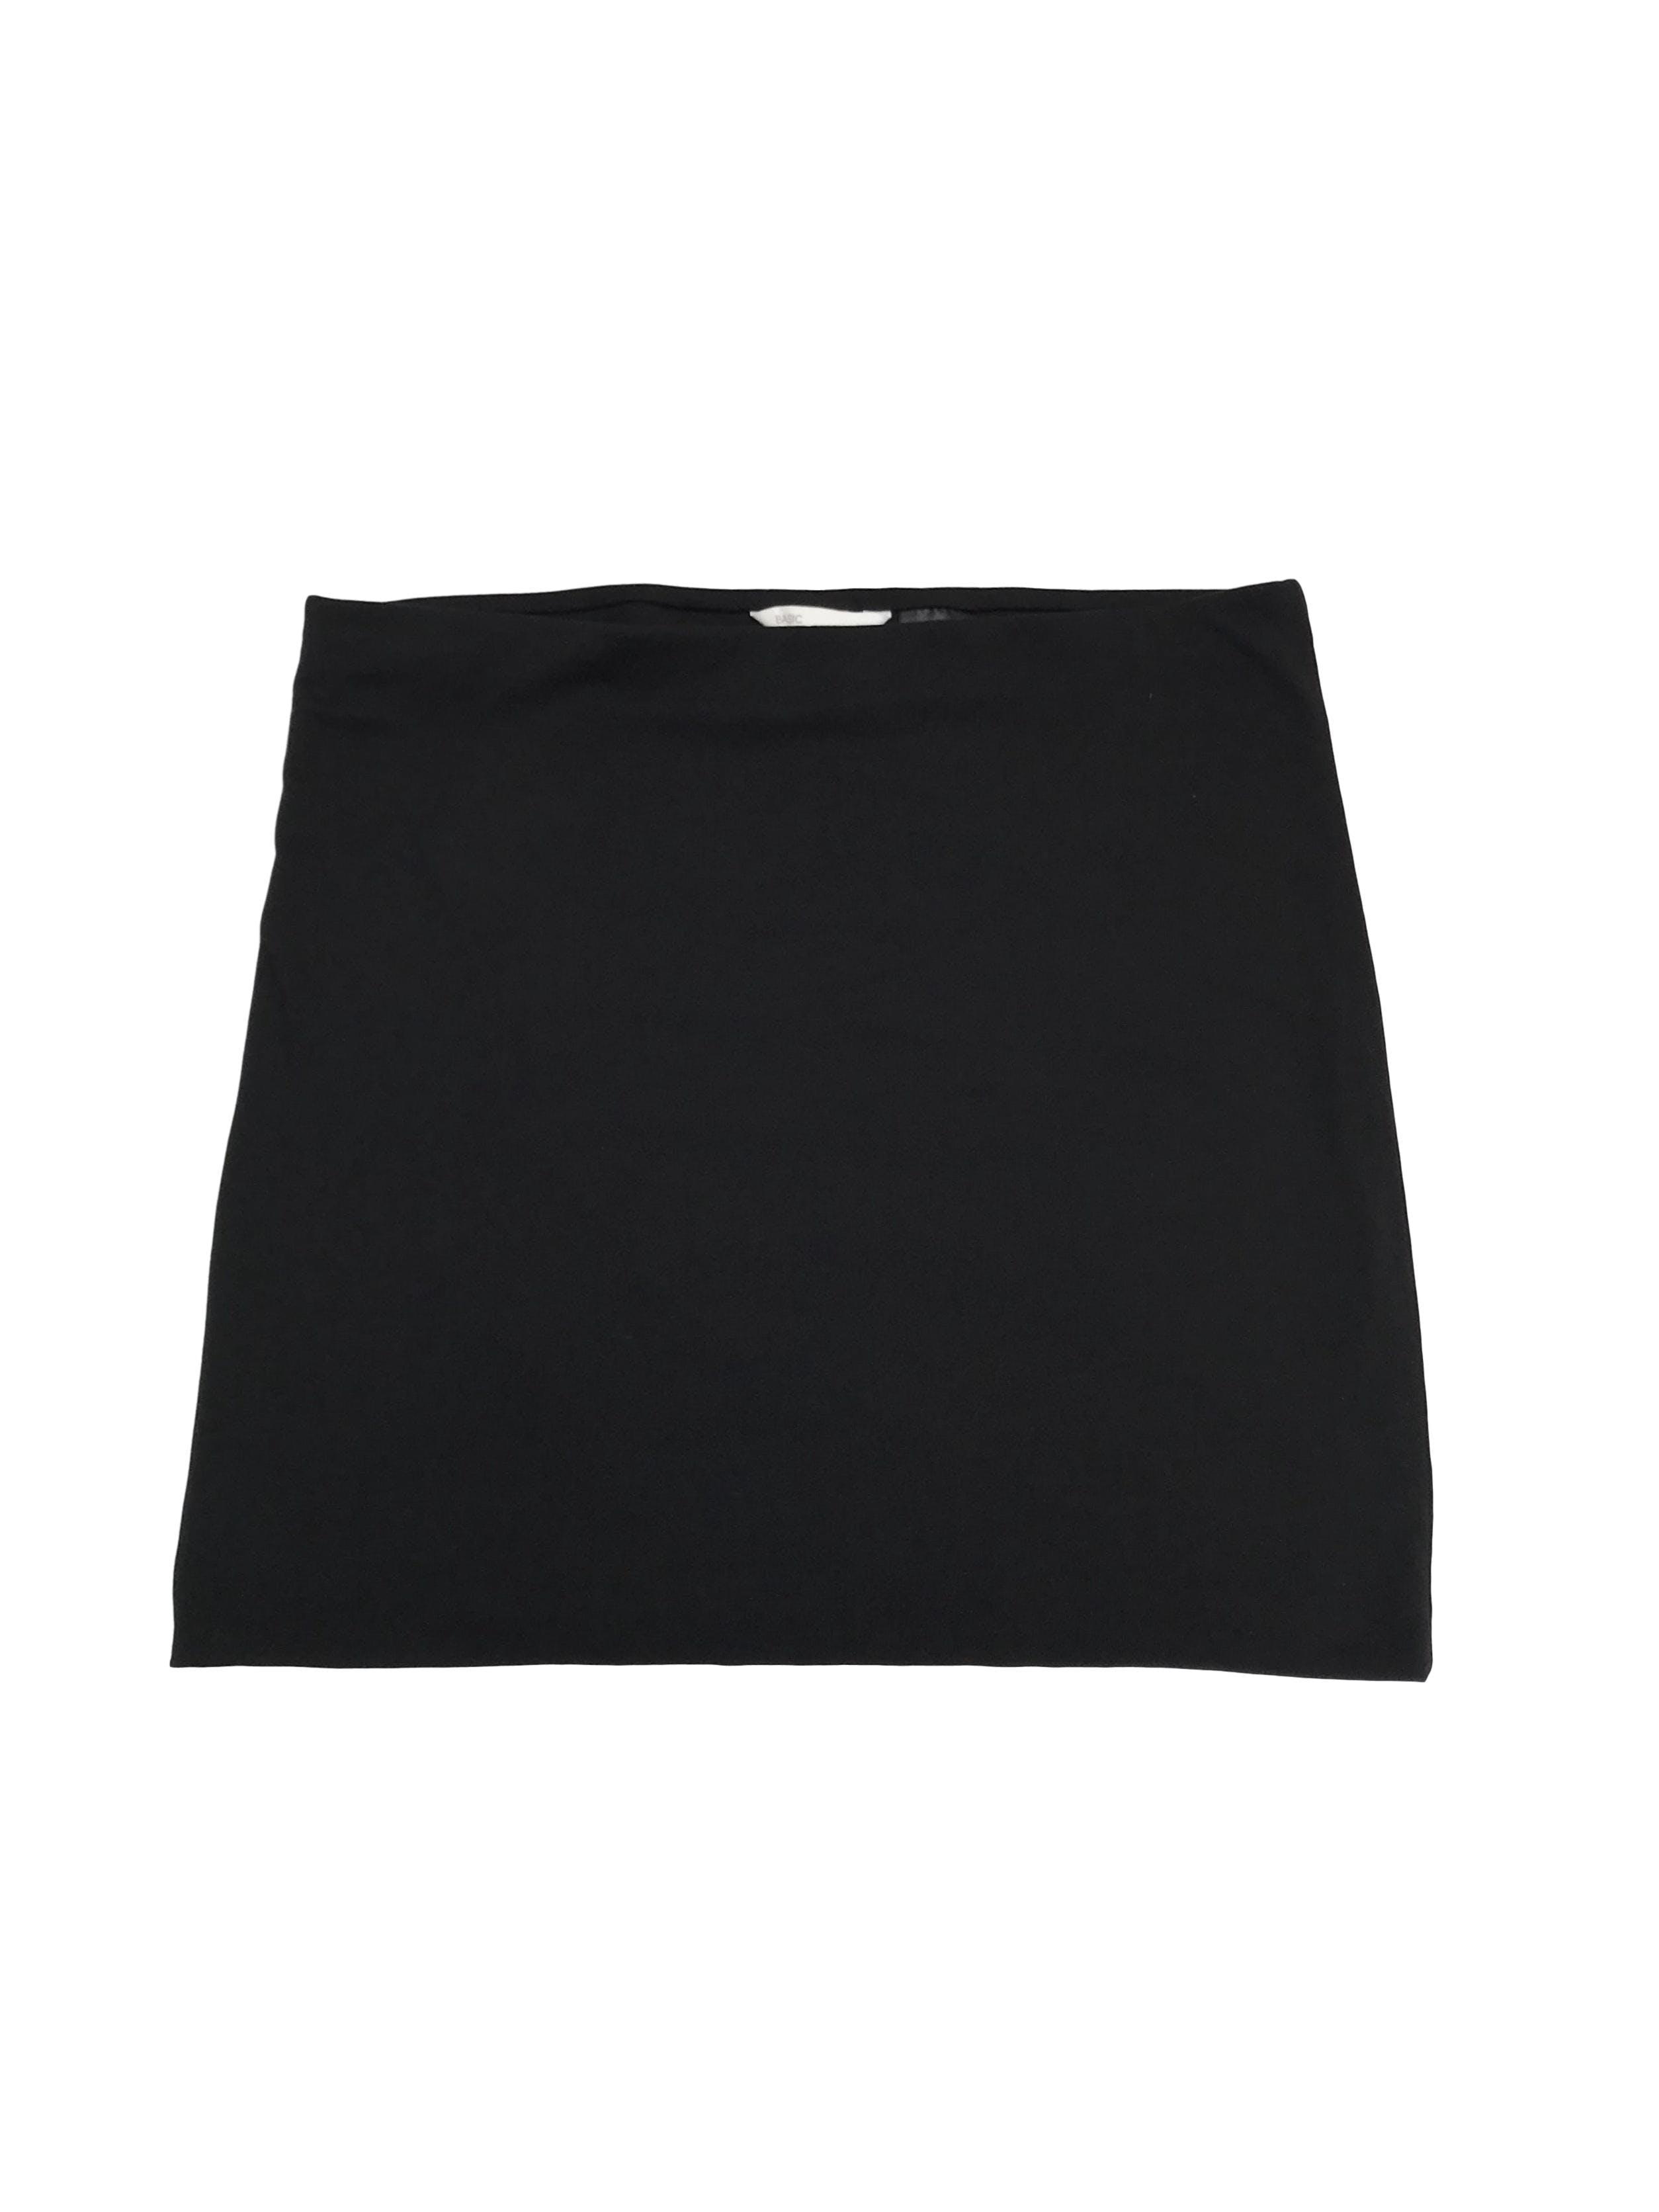 Falda H&M de algodón stretch negro, doble capa con elástico enla cintura. Largo 38cm